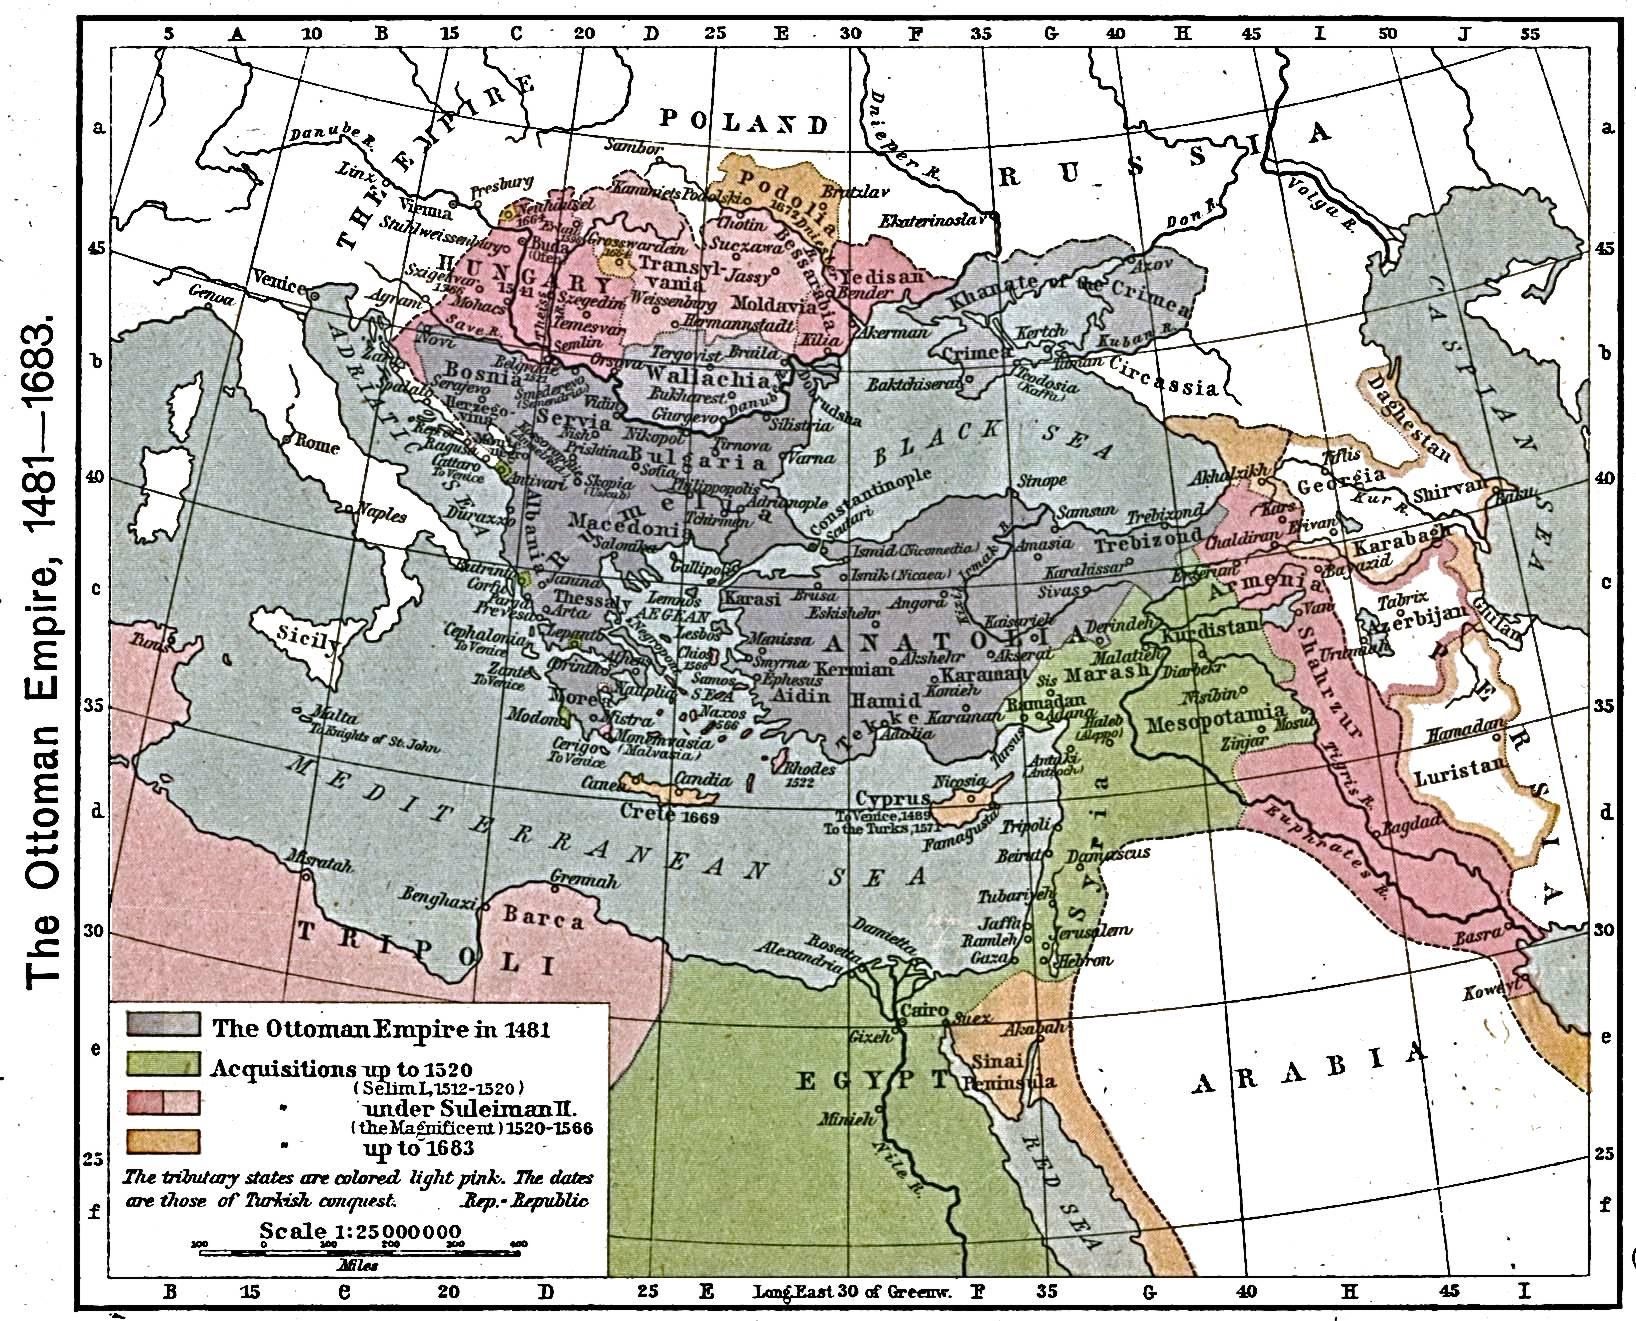 File:Ottoman empire 1481-1683.jpg